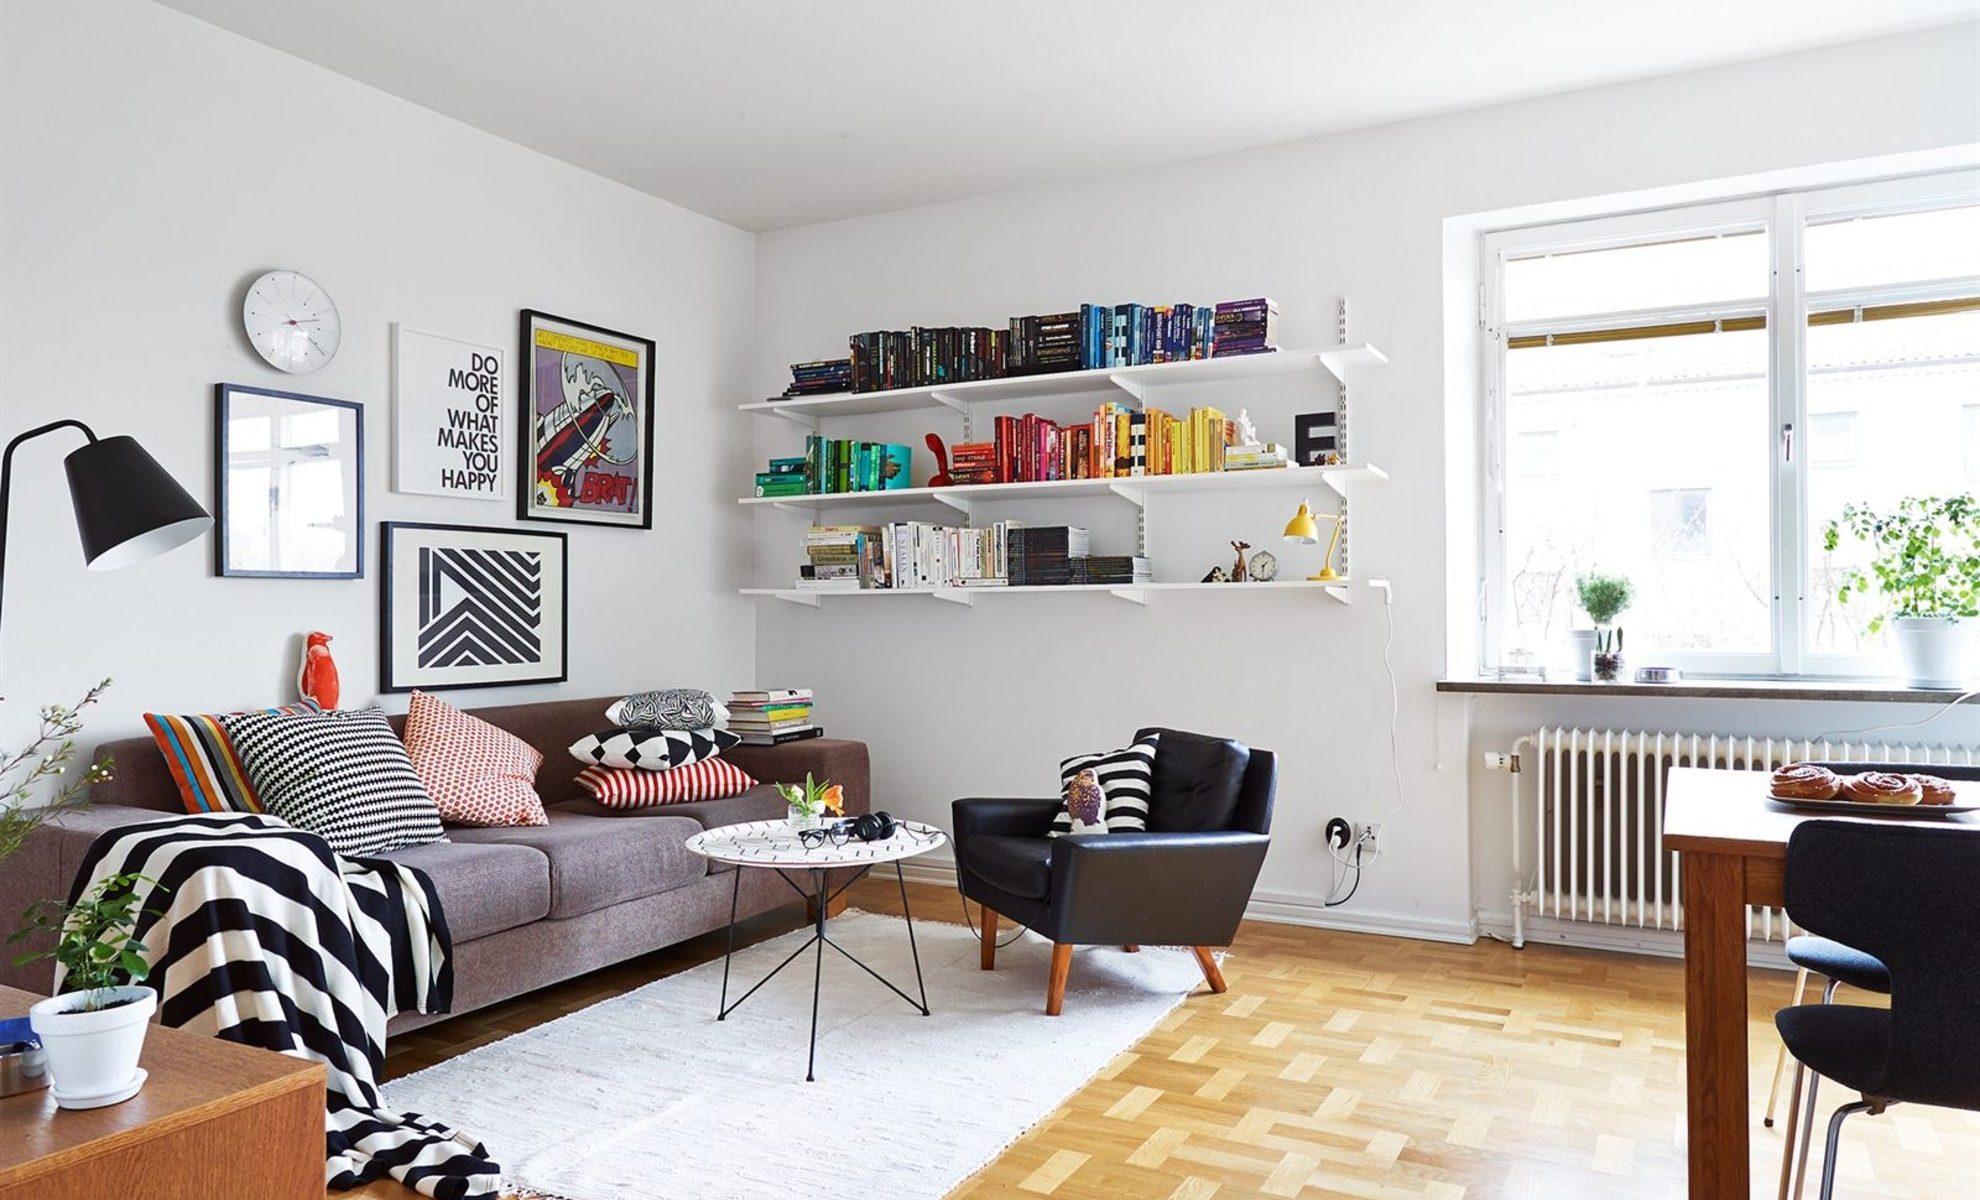 3 Langkah Mudah Memilih Desain Interior Rumah Minimalis Jual Jasa Com